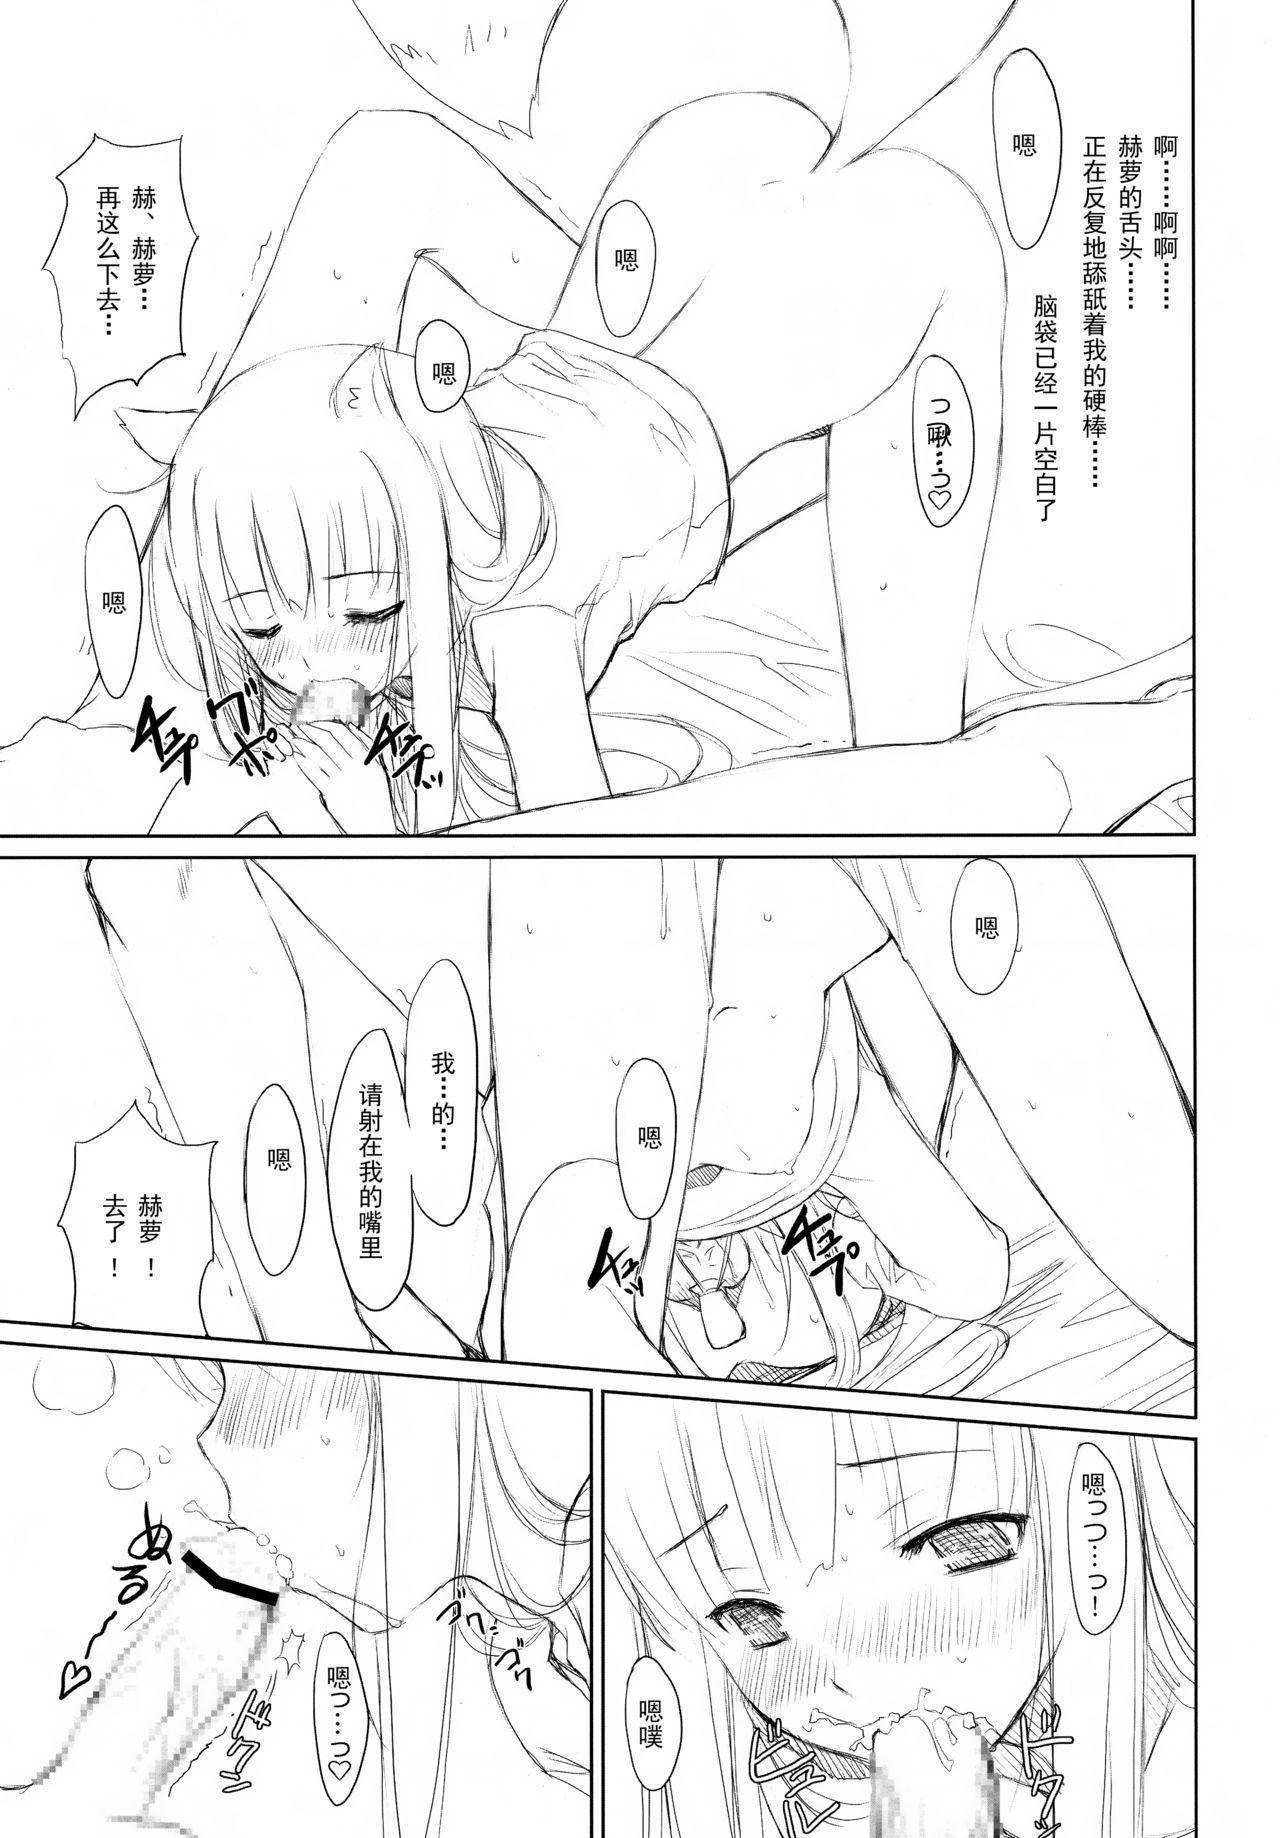 Ookami to Gekishinryou 7